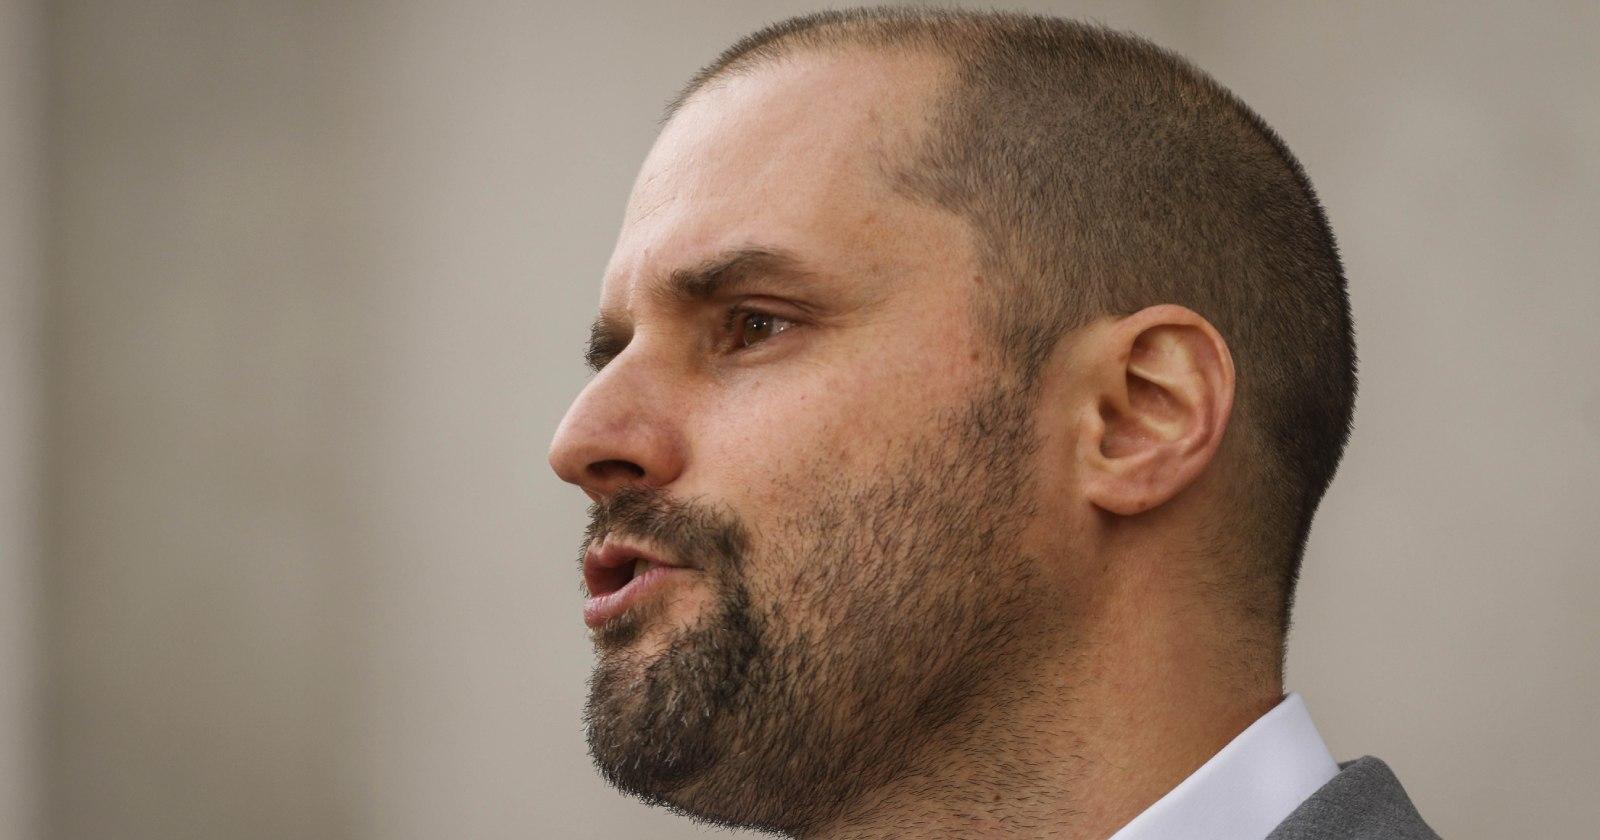 Identifican sujeto que habría amenazado de muerte a ministro Bellolio